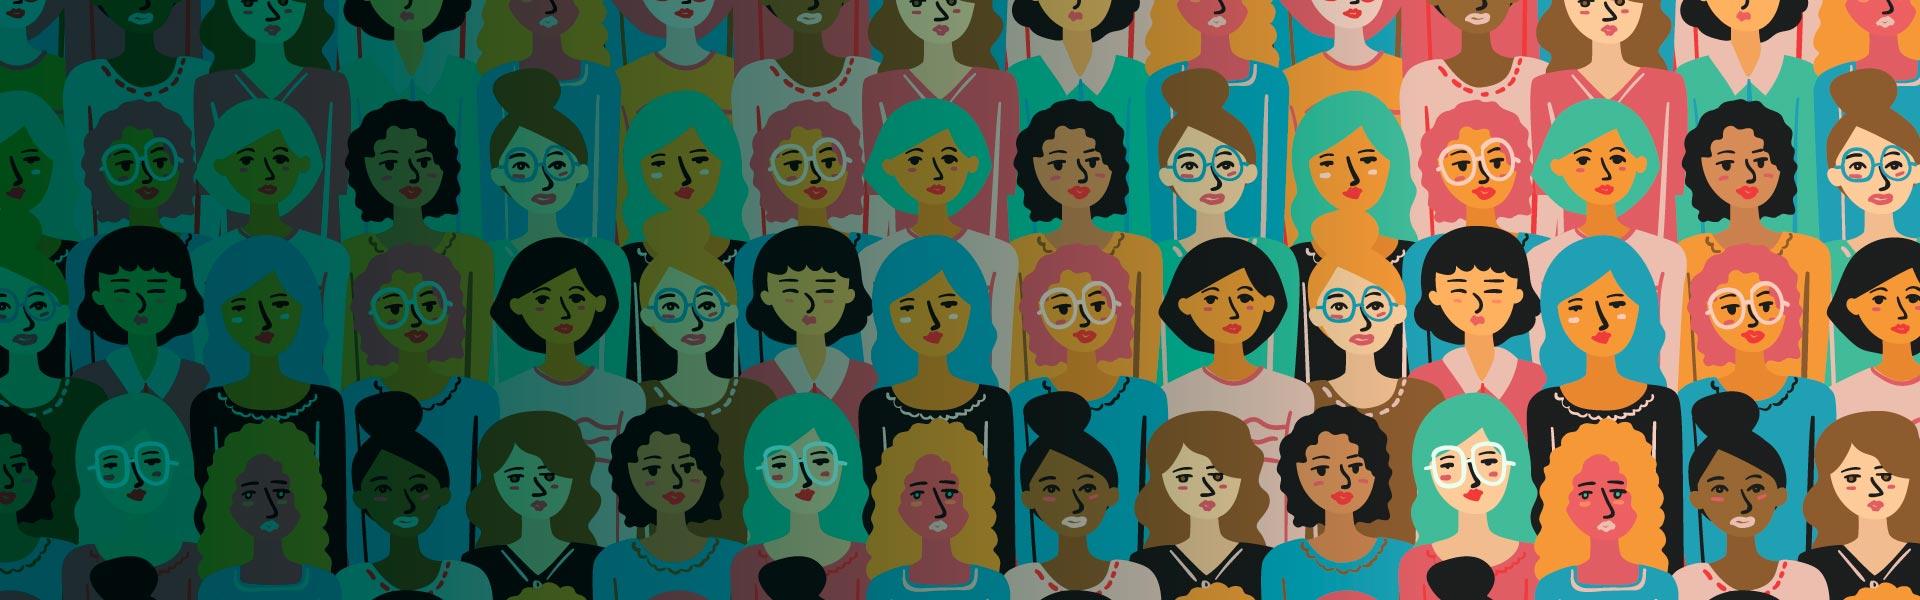 Programa de Formação e Liderança para Mulheres